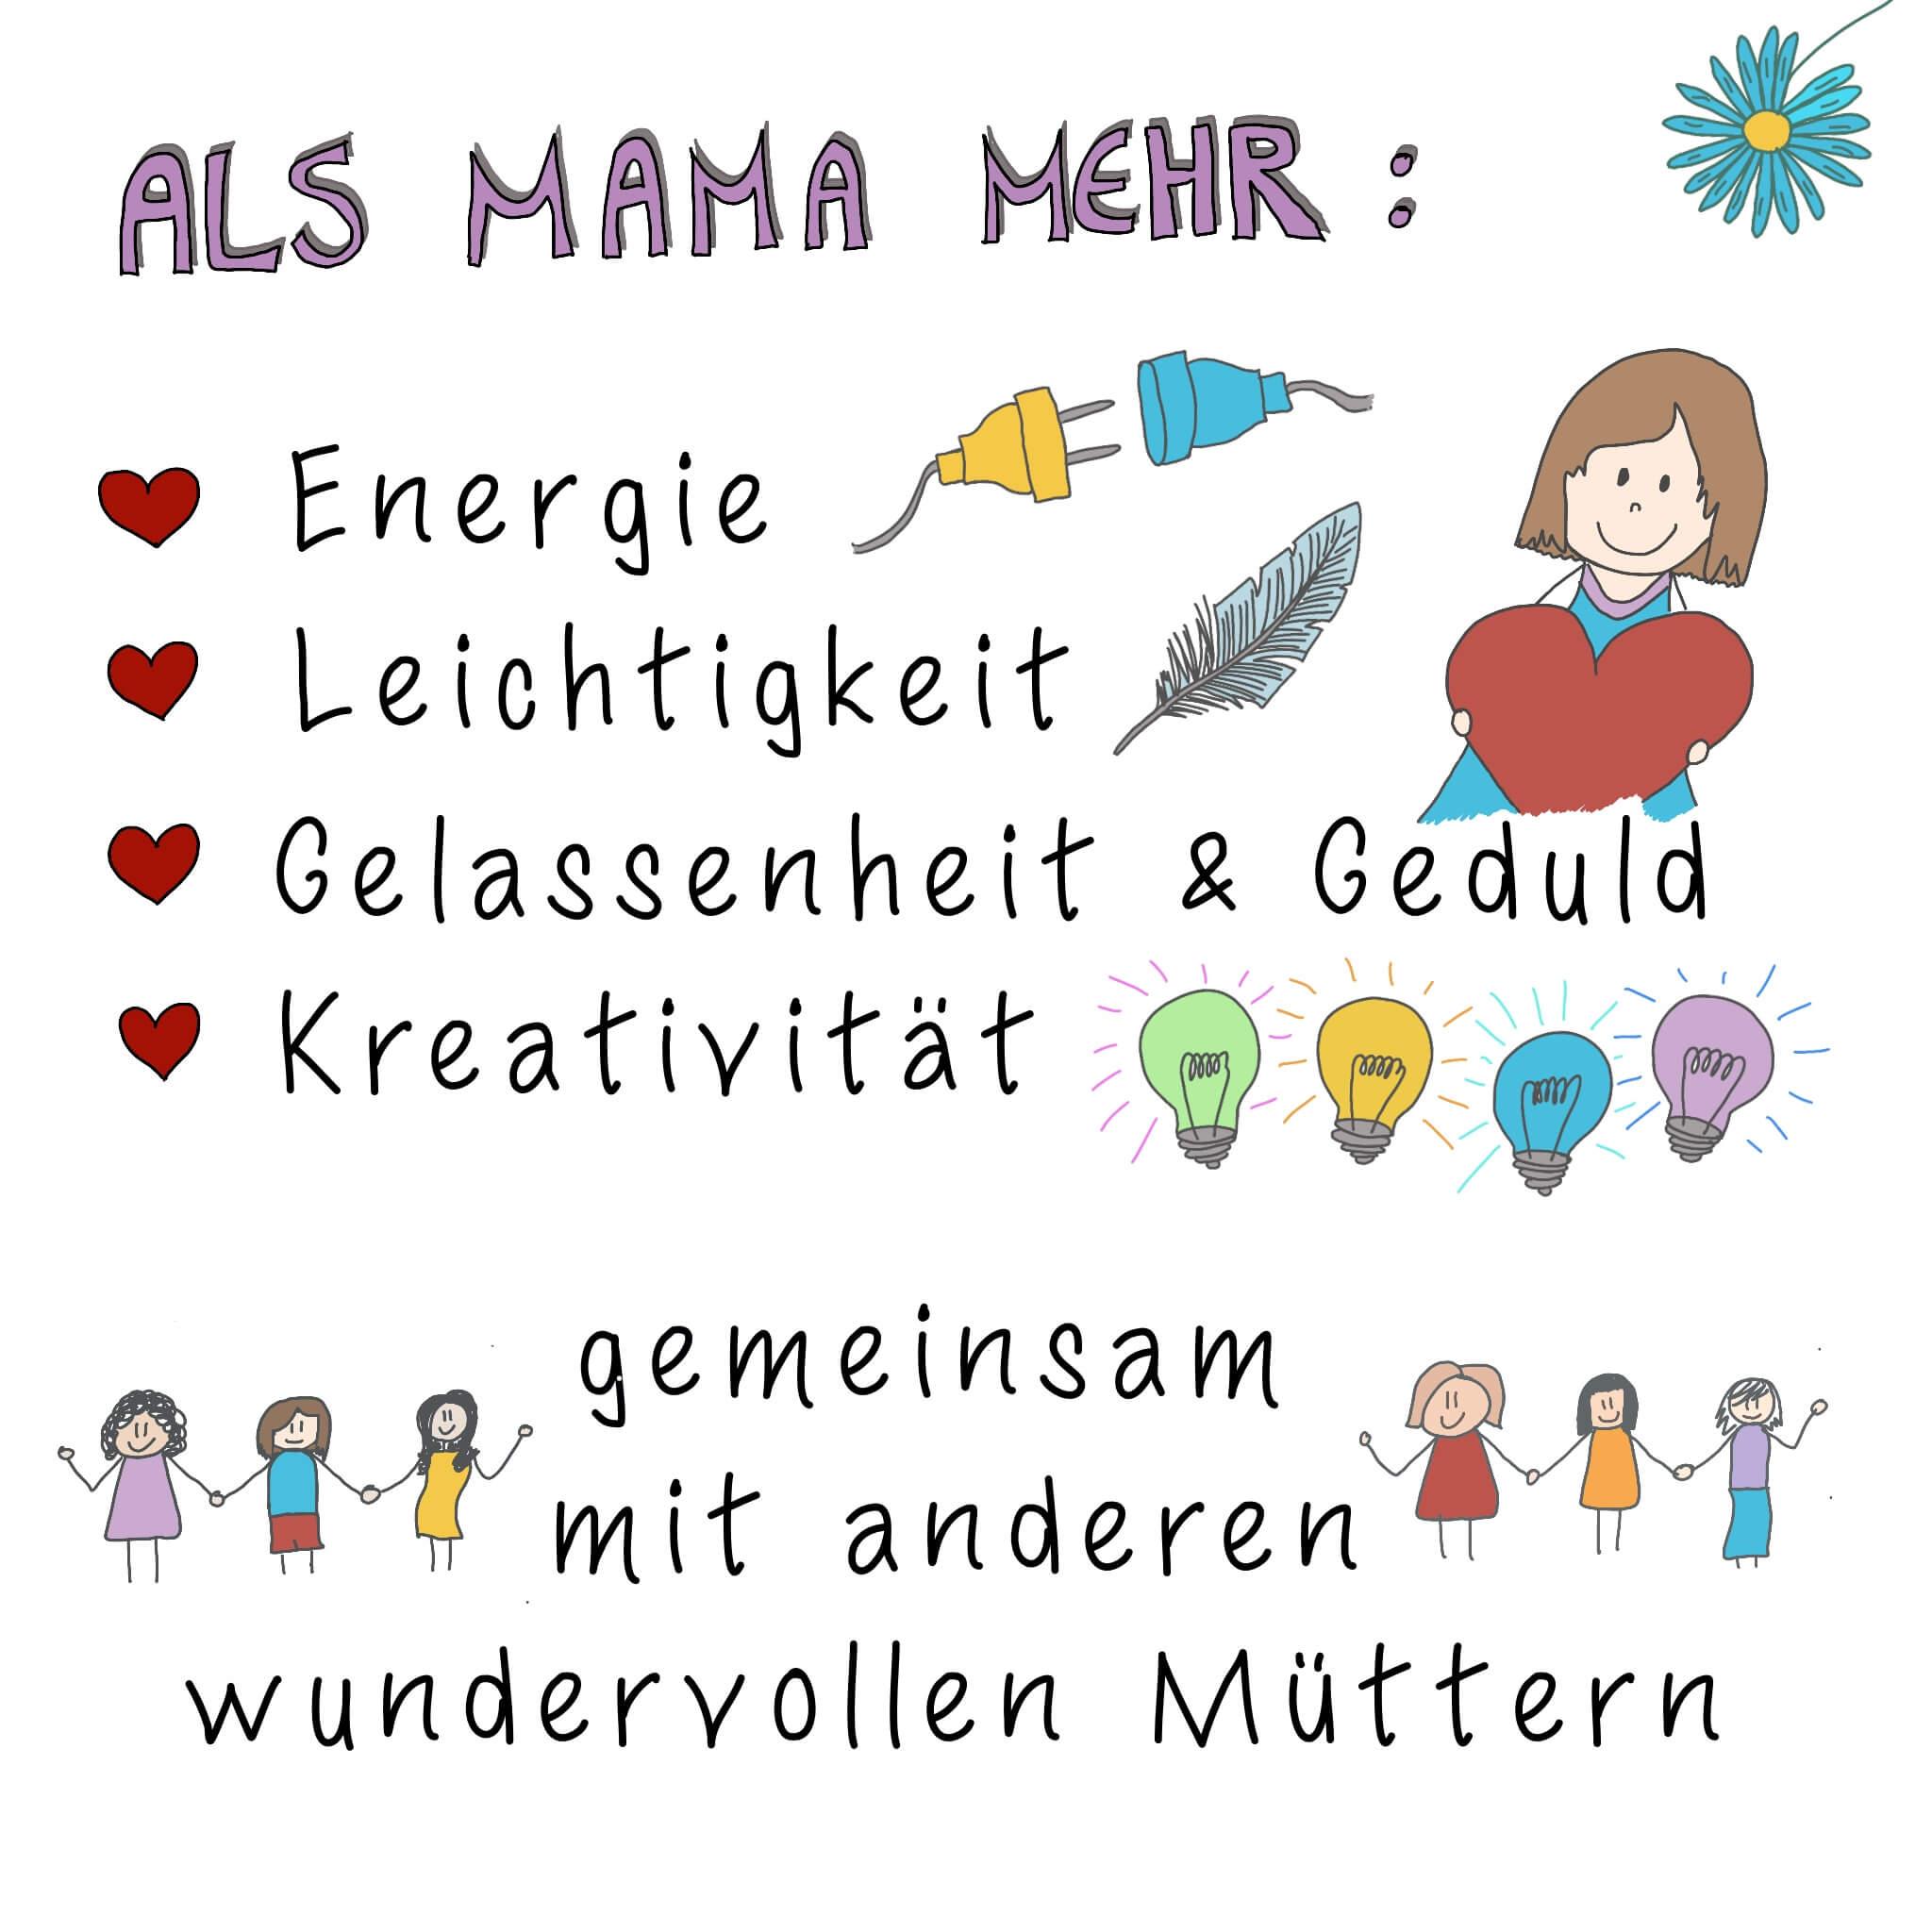 Als Mama bei der Mamaleicht Community